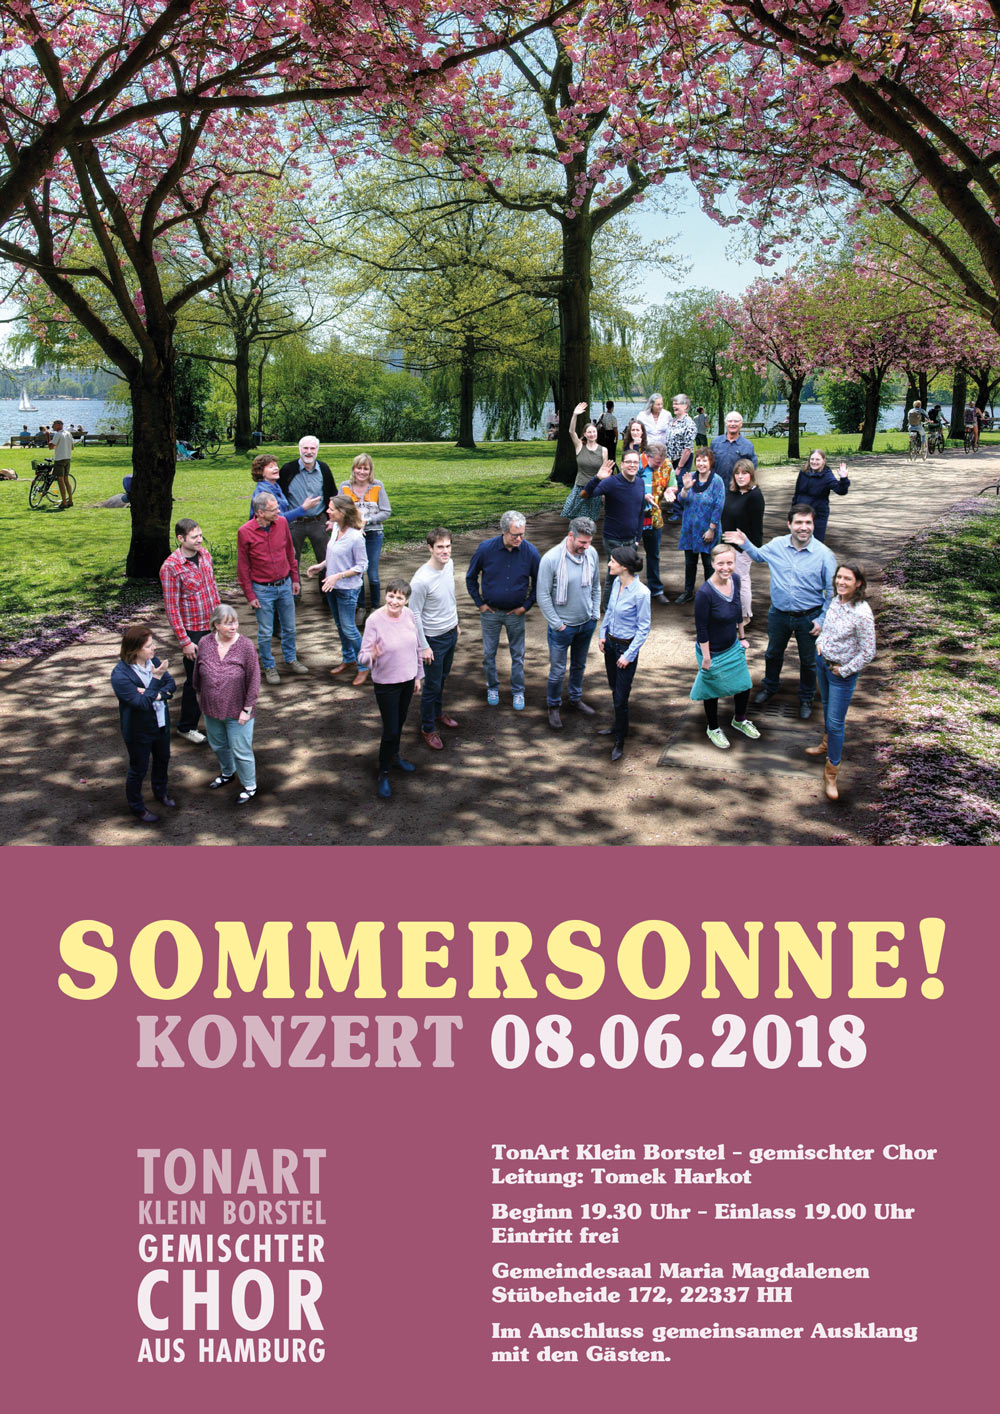 Konzert Sommer 2018